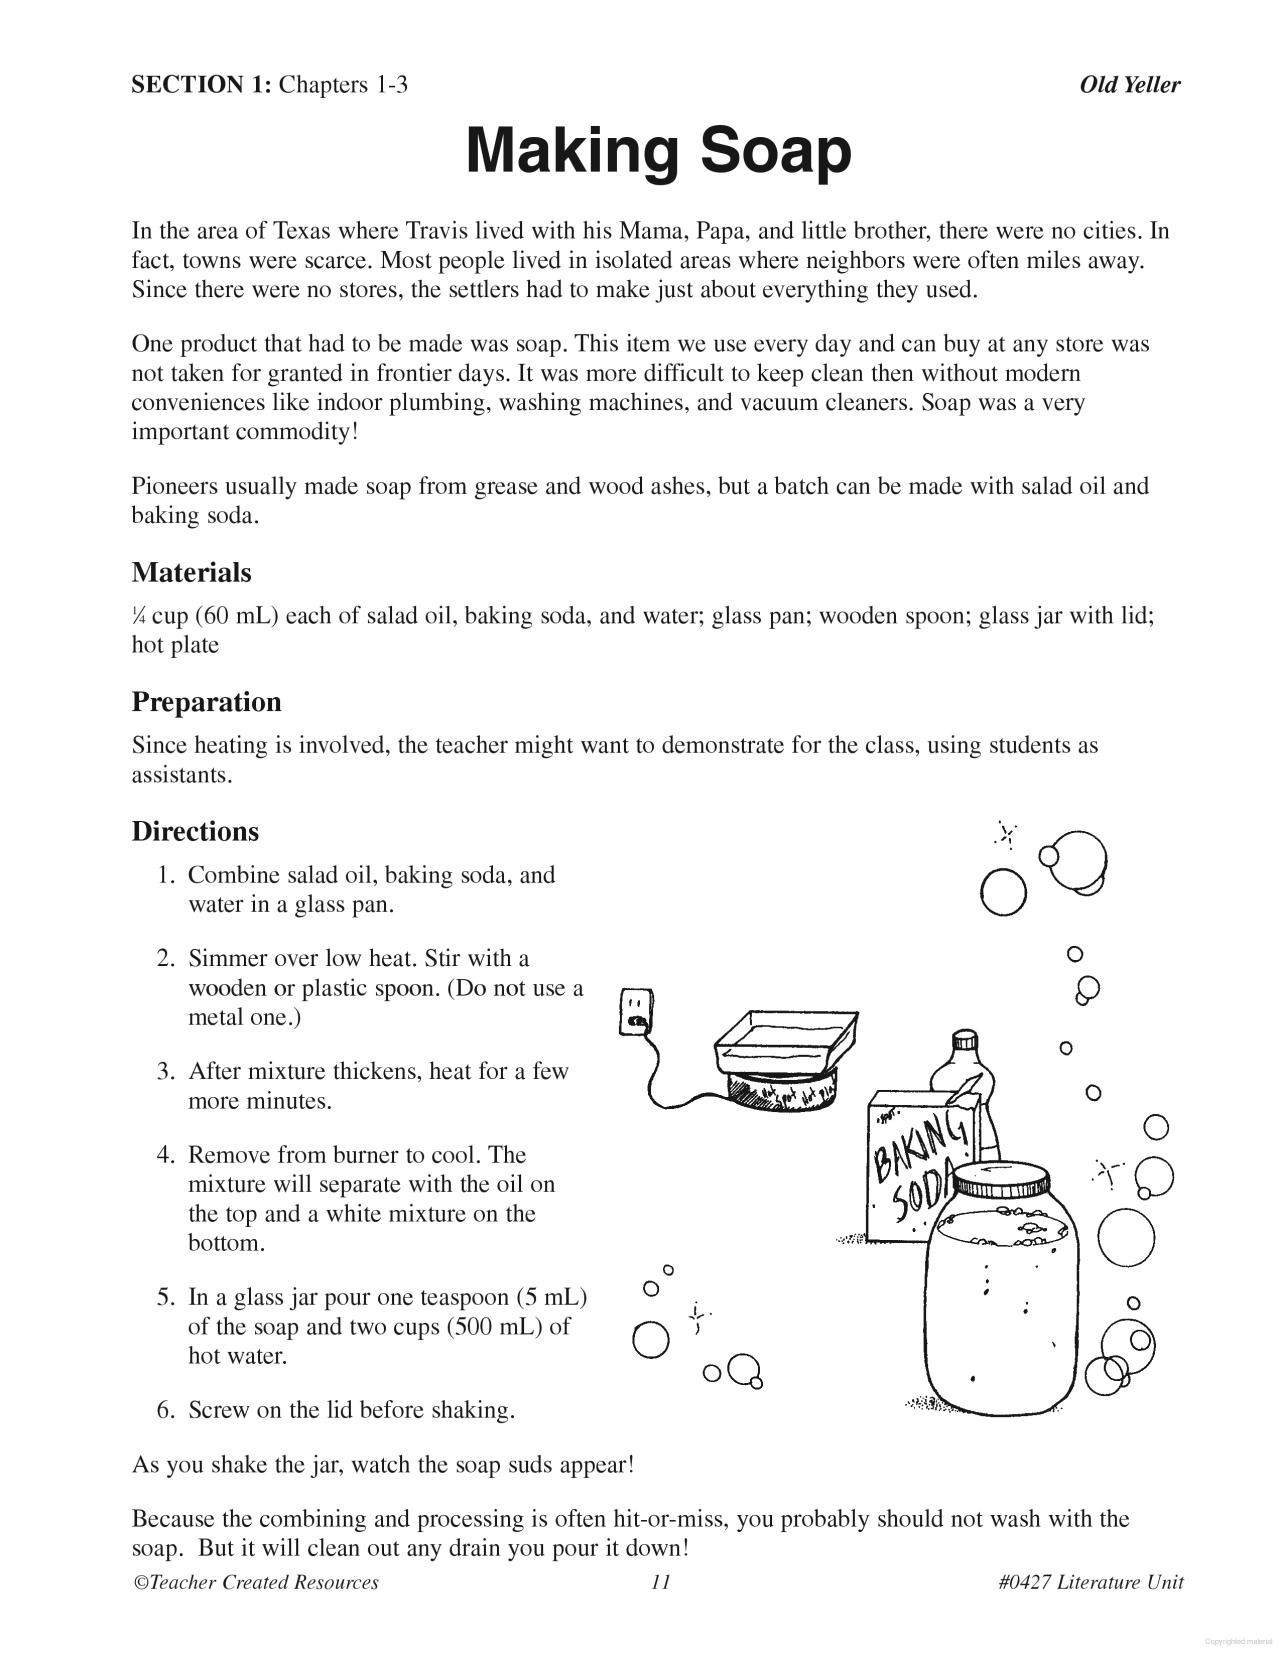 Old Yeller Printable Worksheets